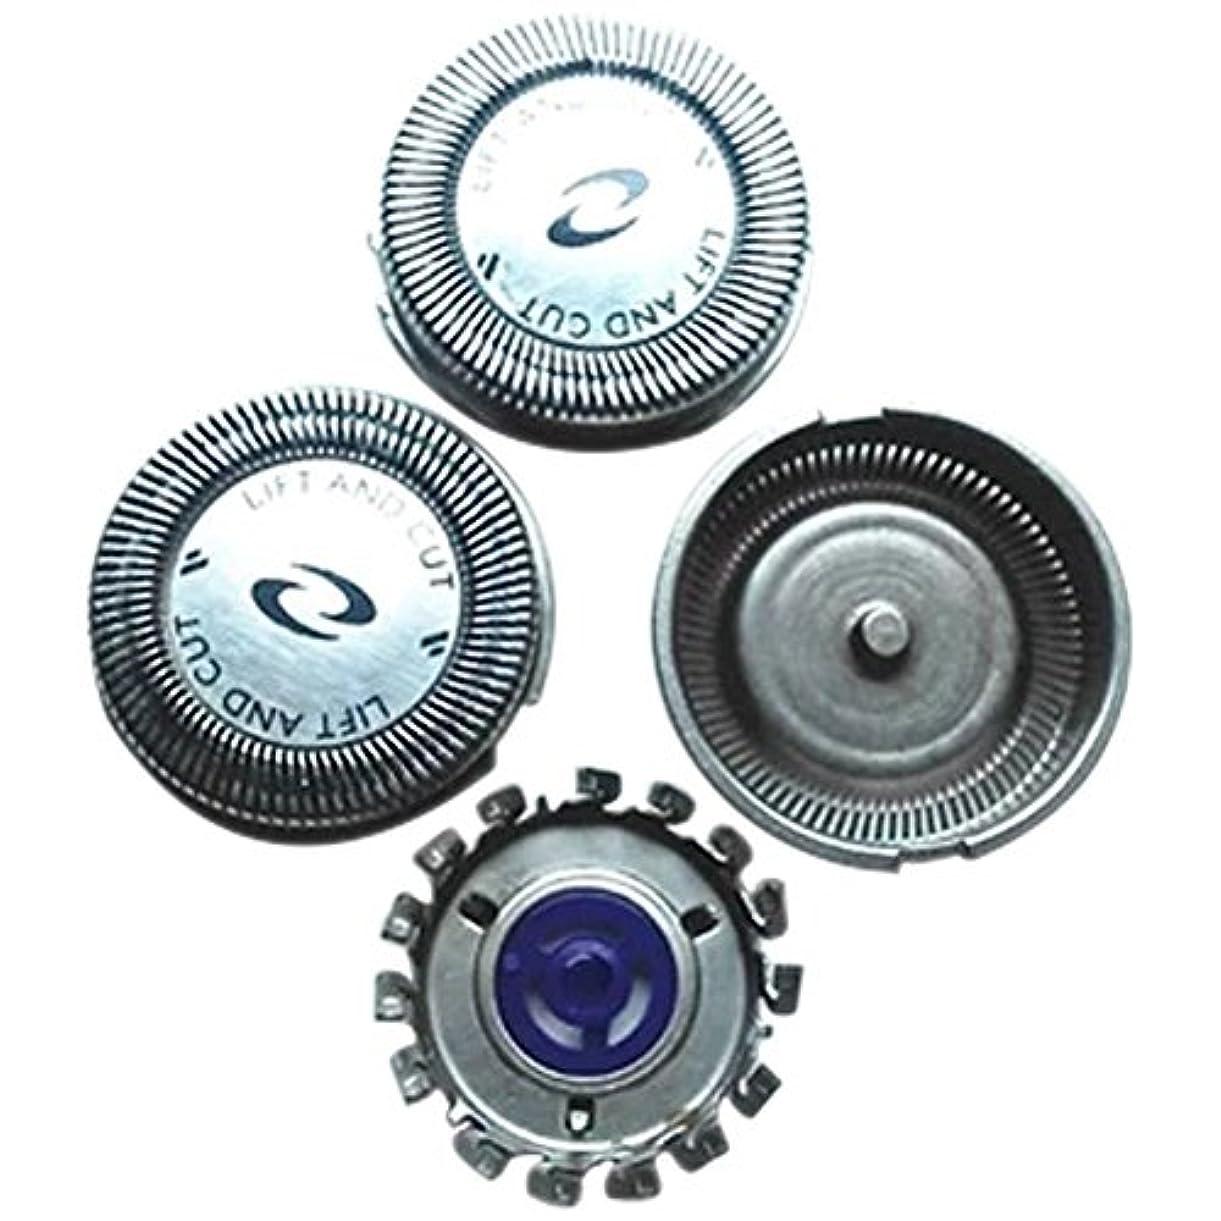 彫るバック冷蔵庫Deylaying 置換 シェーバー かみそり 頭 刃 for Philips HQ30 HQ40 HQ56 PQ182 PQ202 YS500